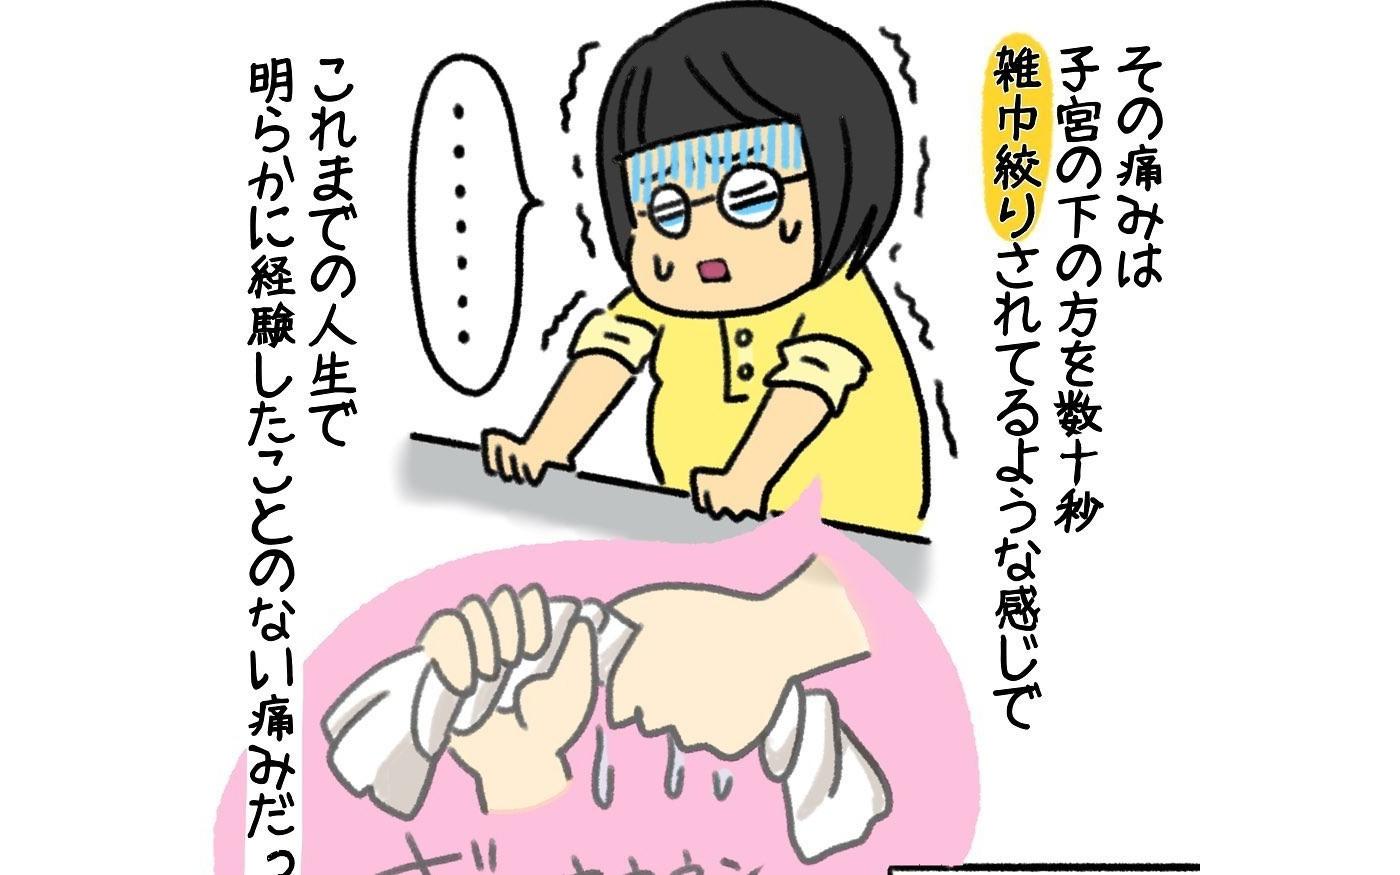 雑巾を絞られているような痛みが襲う! 深夜に陣痛は10分間隔に…